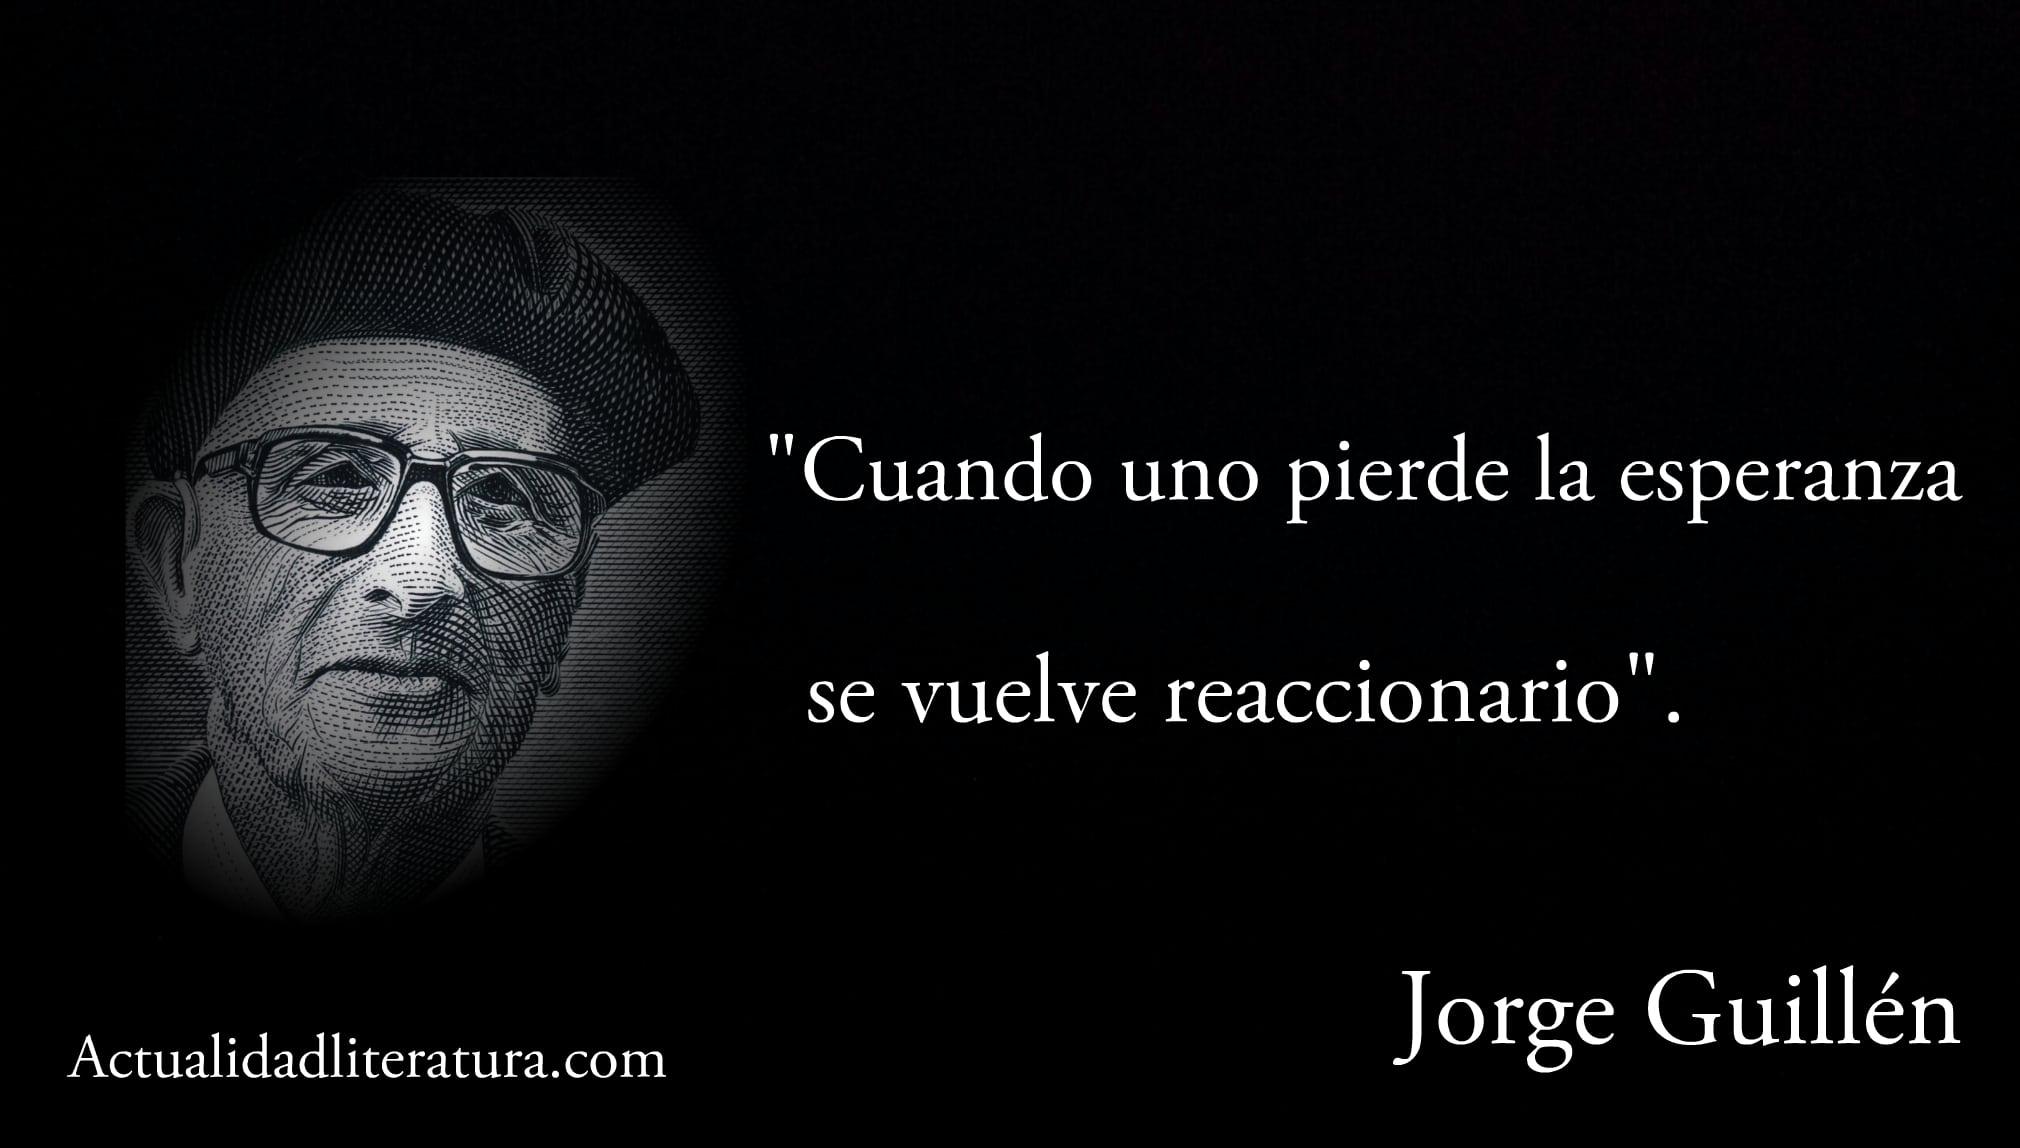 Frase de Jorge Guillén.